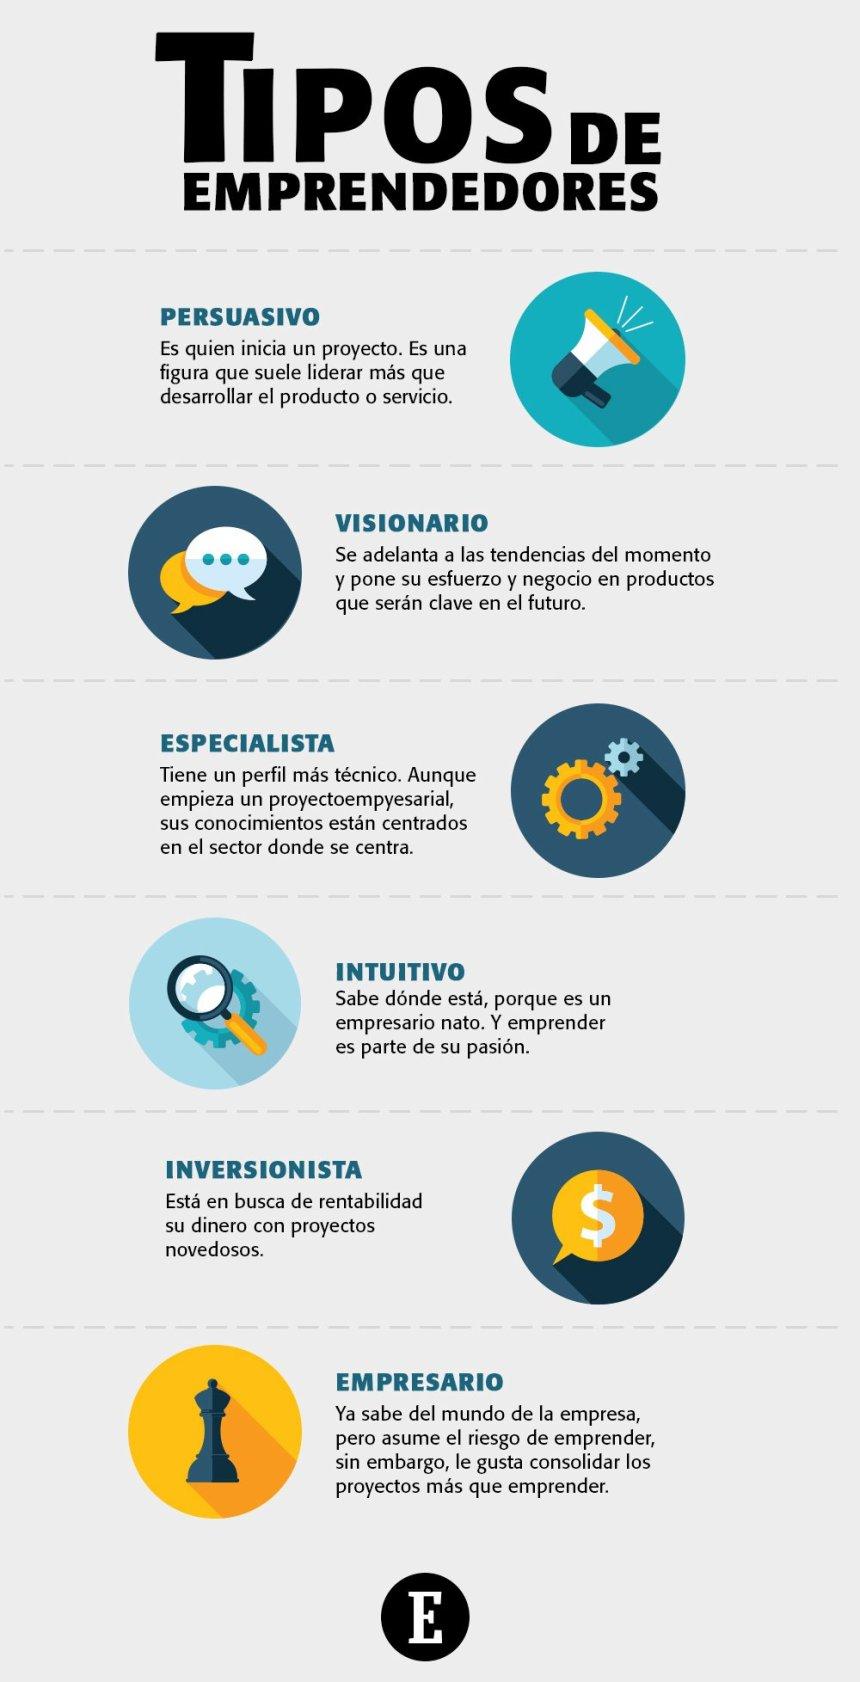 6 tipos de Emprendedores